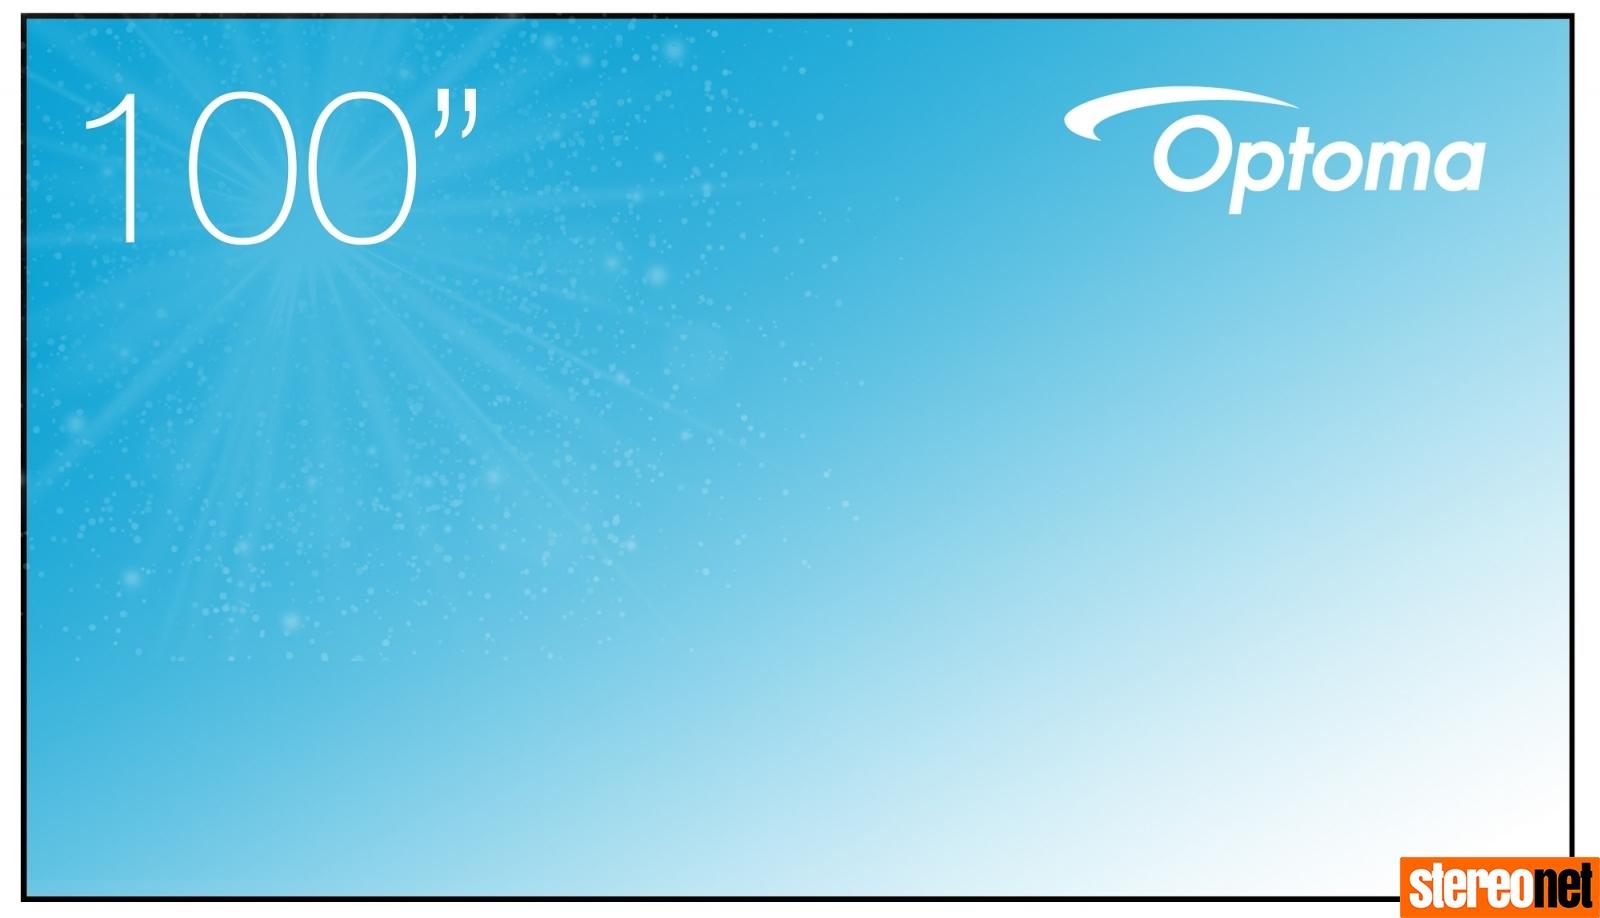 Optoma ALR101 Screen